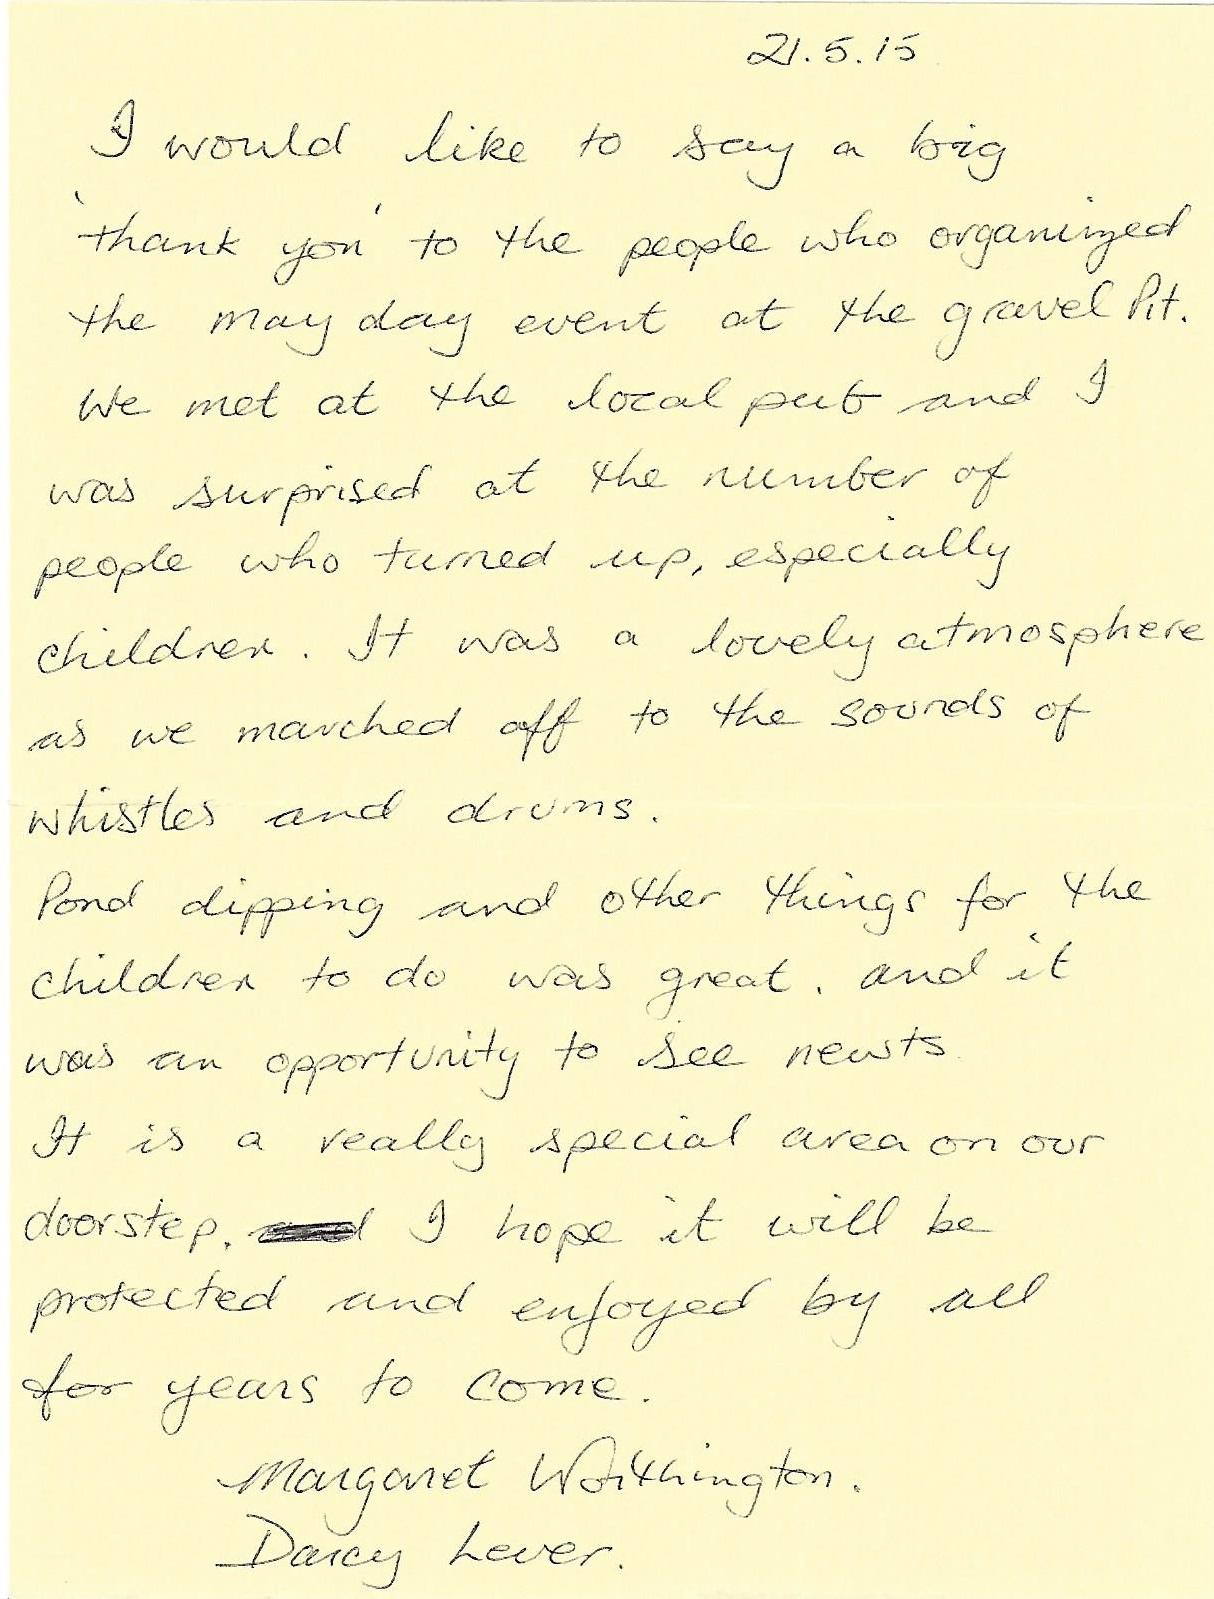 margaret's letter